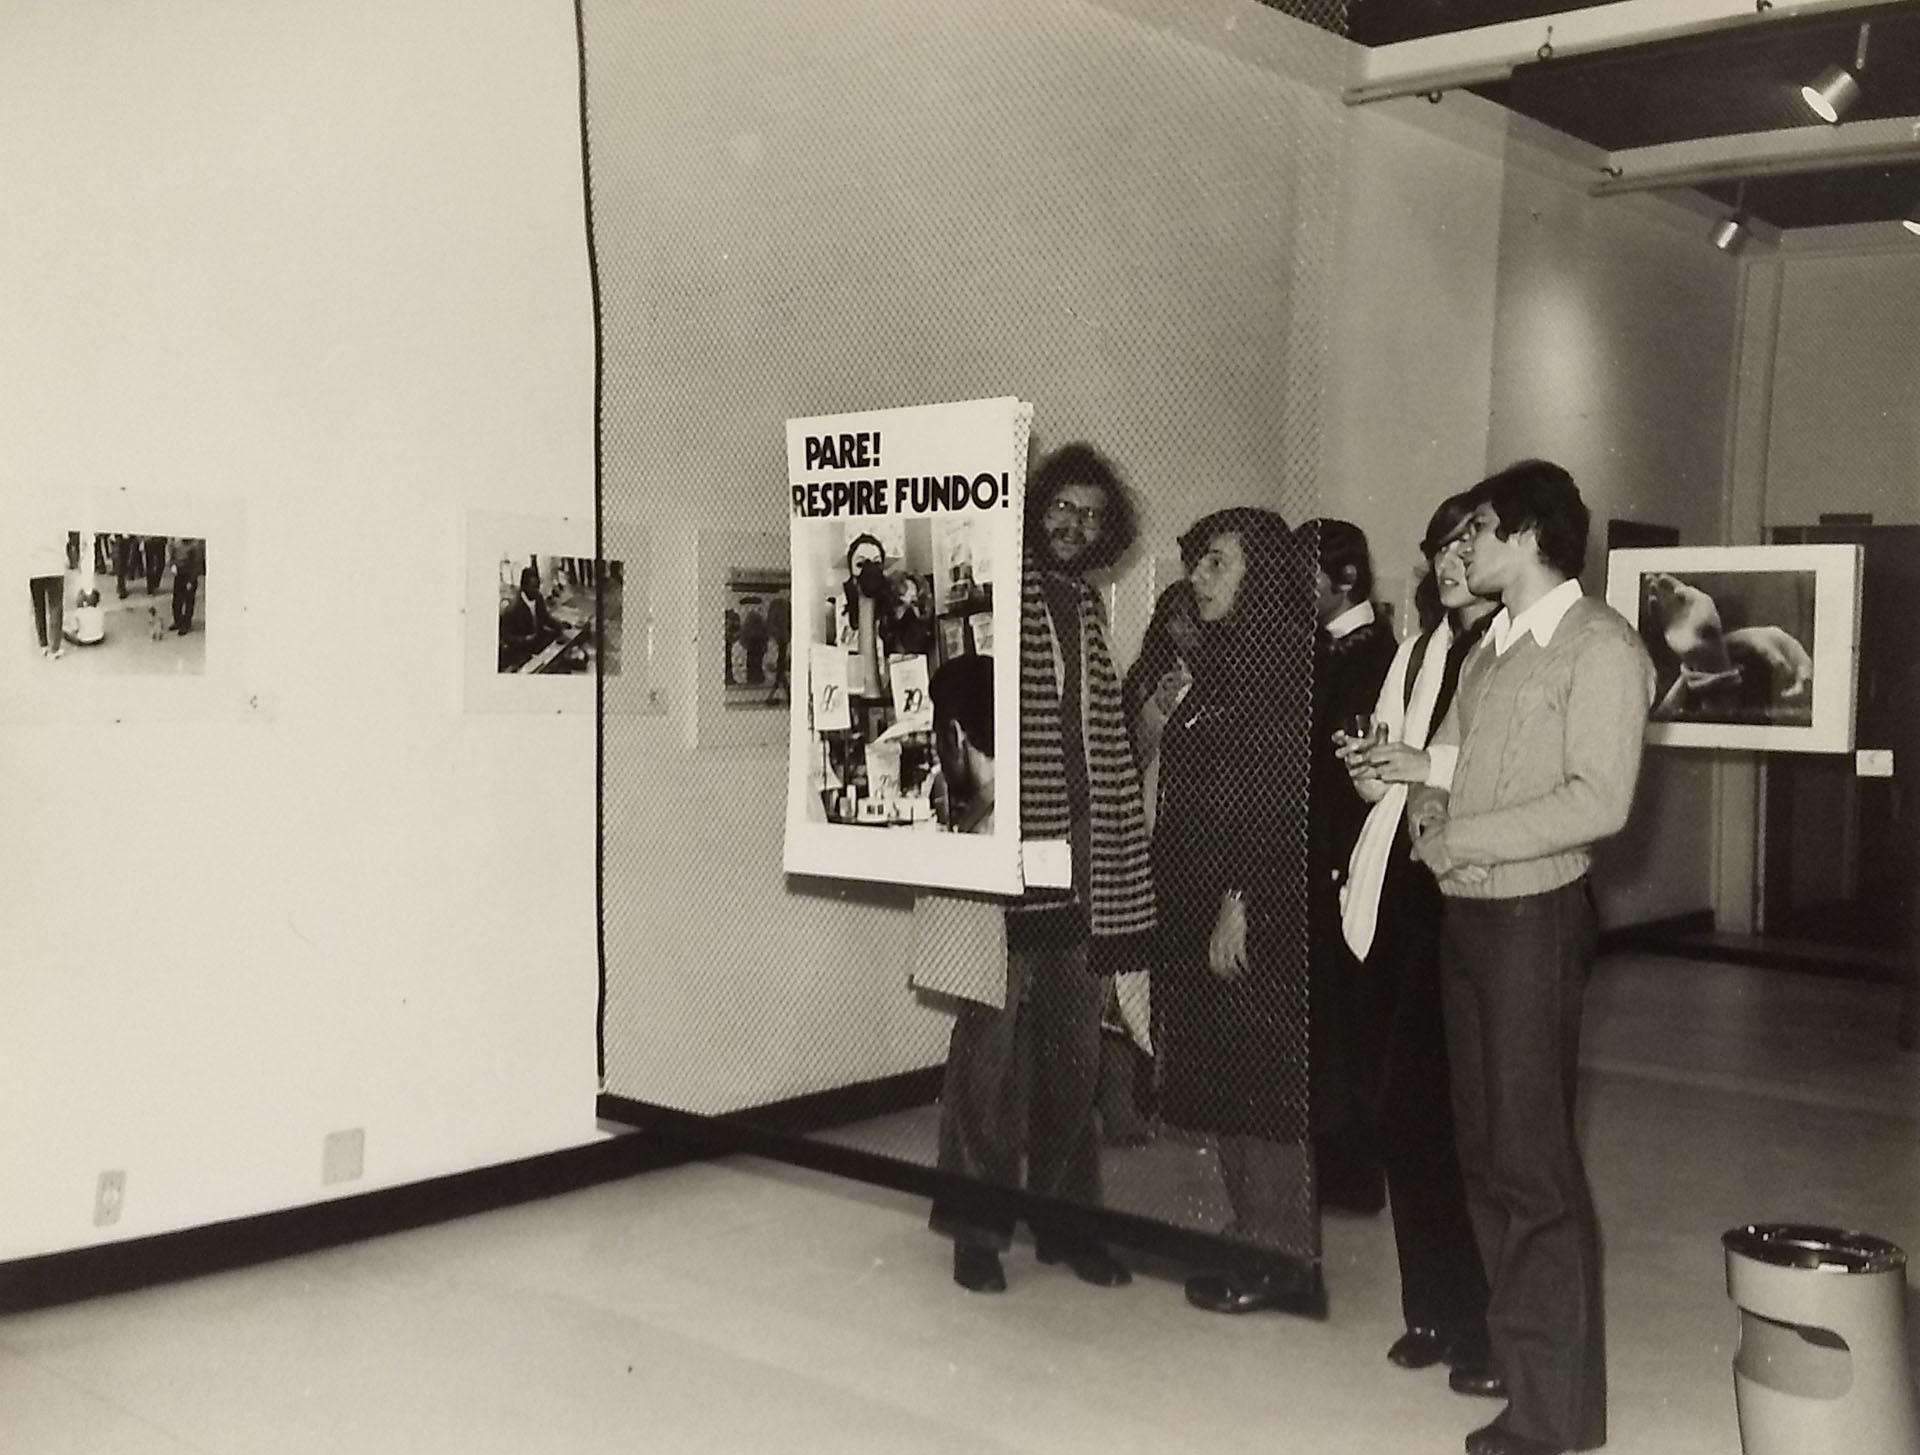 Grupo de pessoas observa fotografia afixada em suporte em uma sala com outras fotos expostas